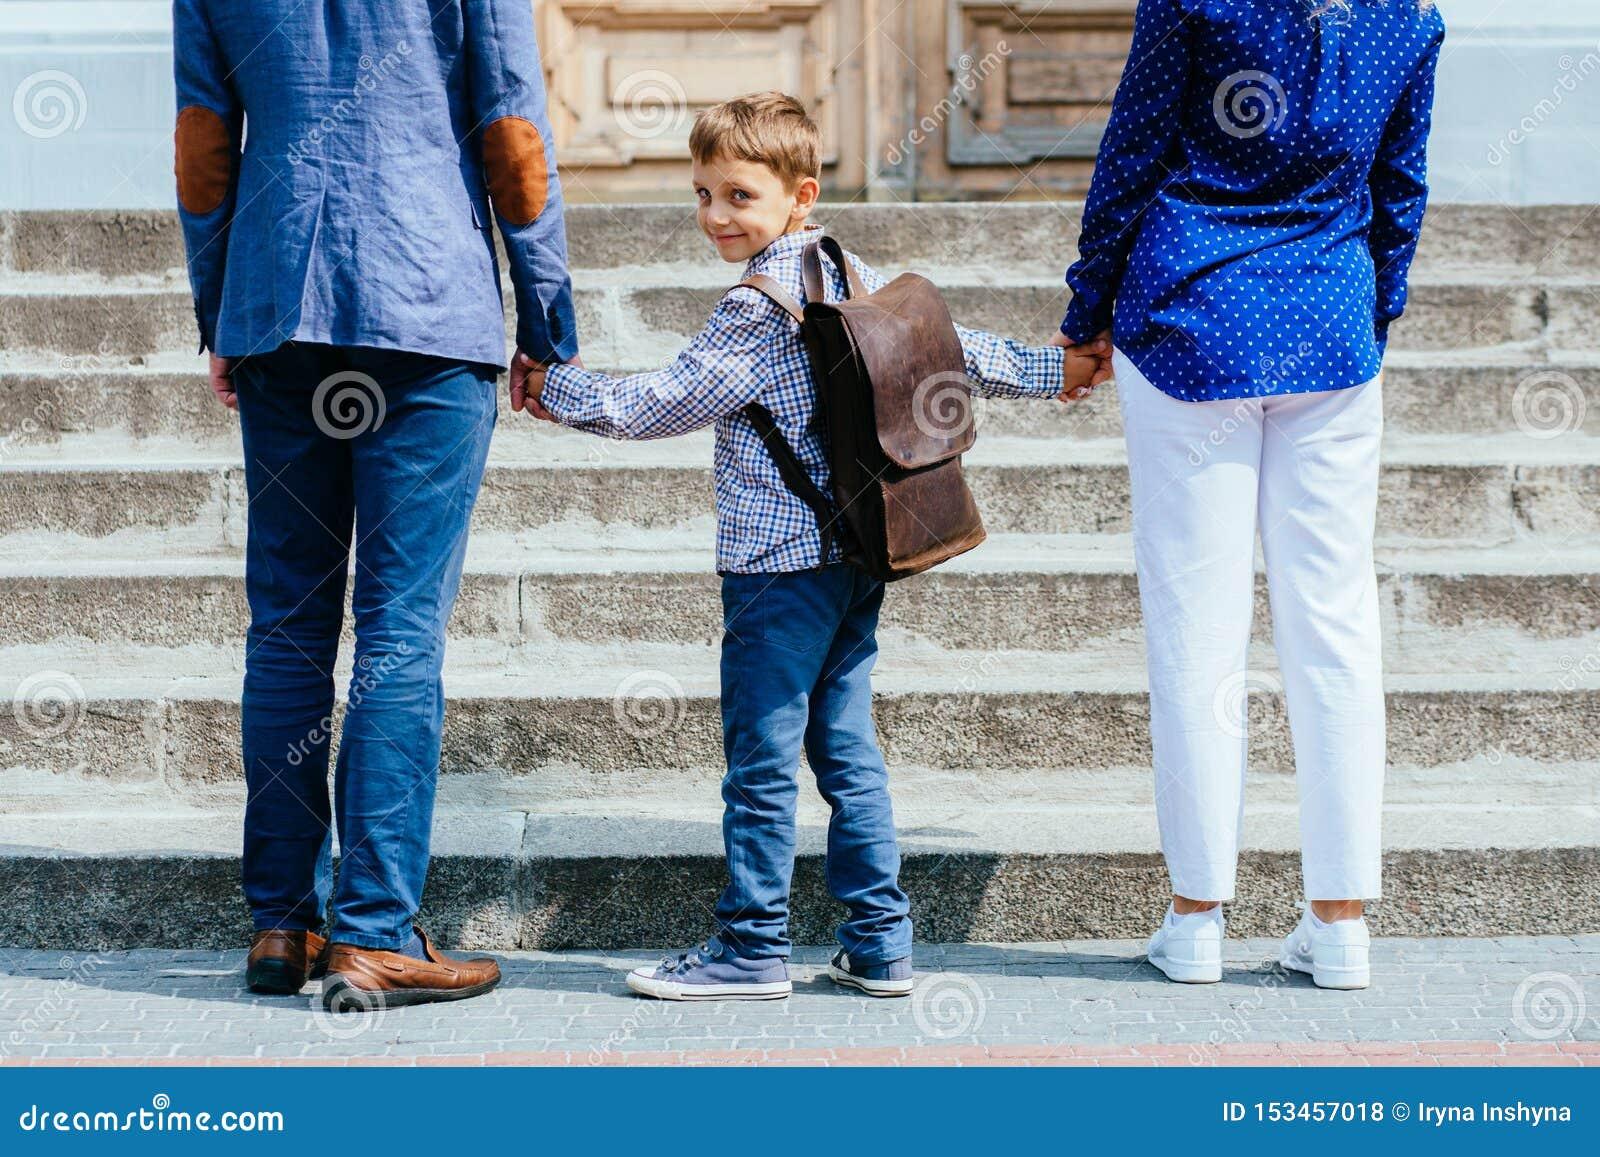 Unerkennbare Eltern nehmen Kind zur Schule Schüler der Grundschule gehen Studie mit Rucksack Hintere Ansicht des Vaters, Mutter